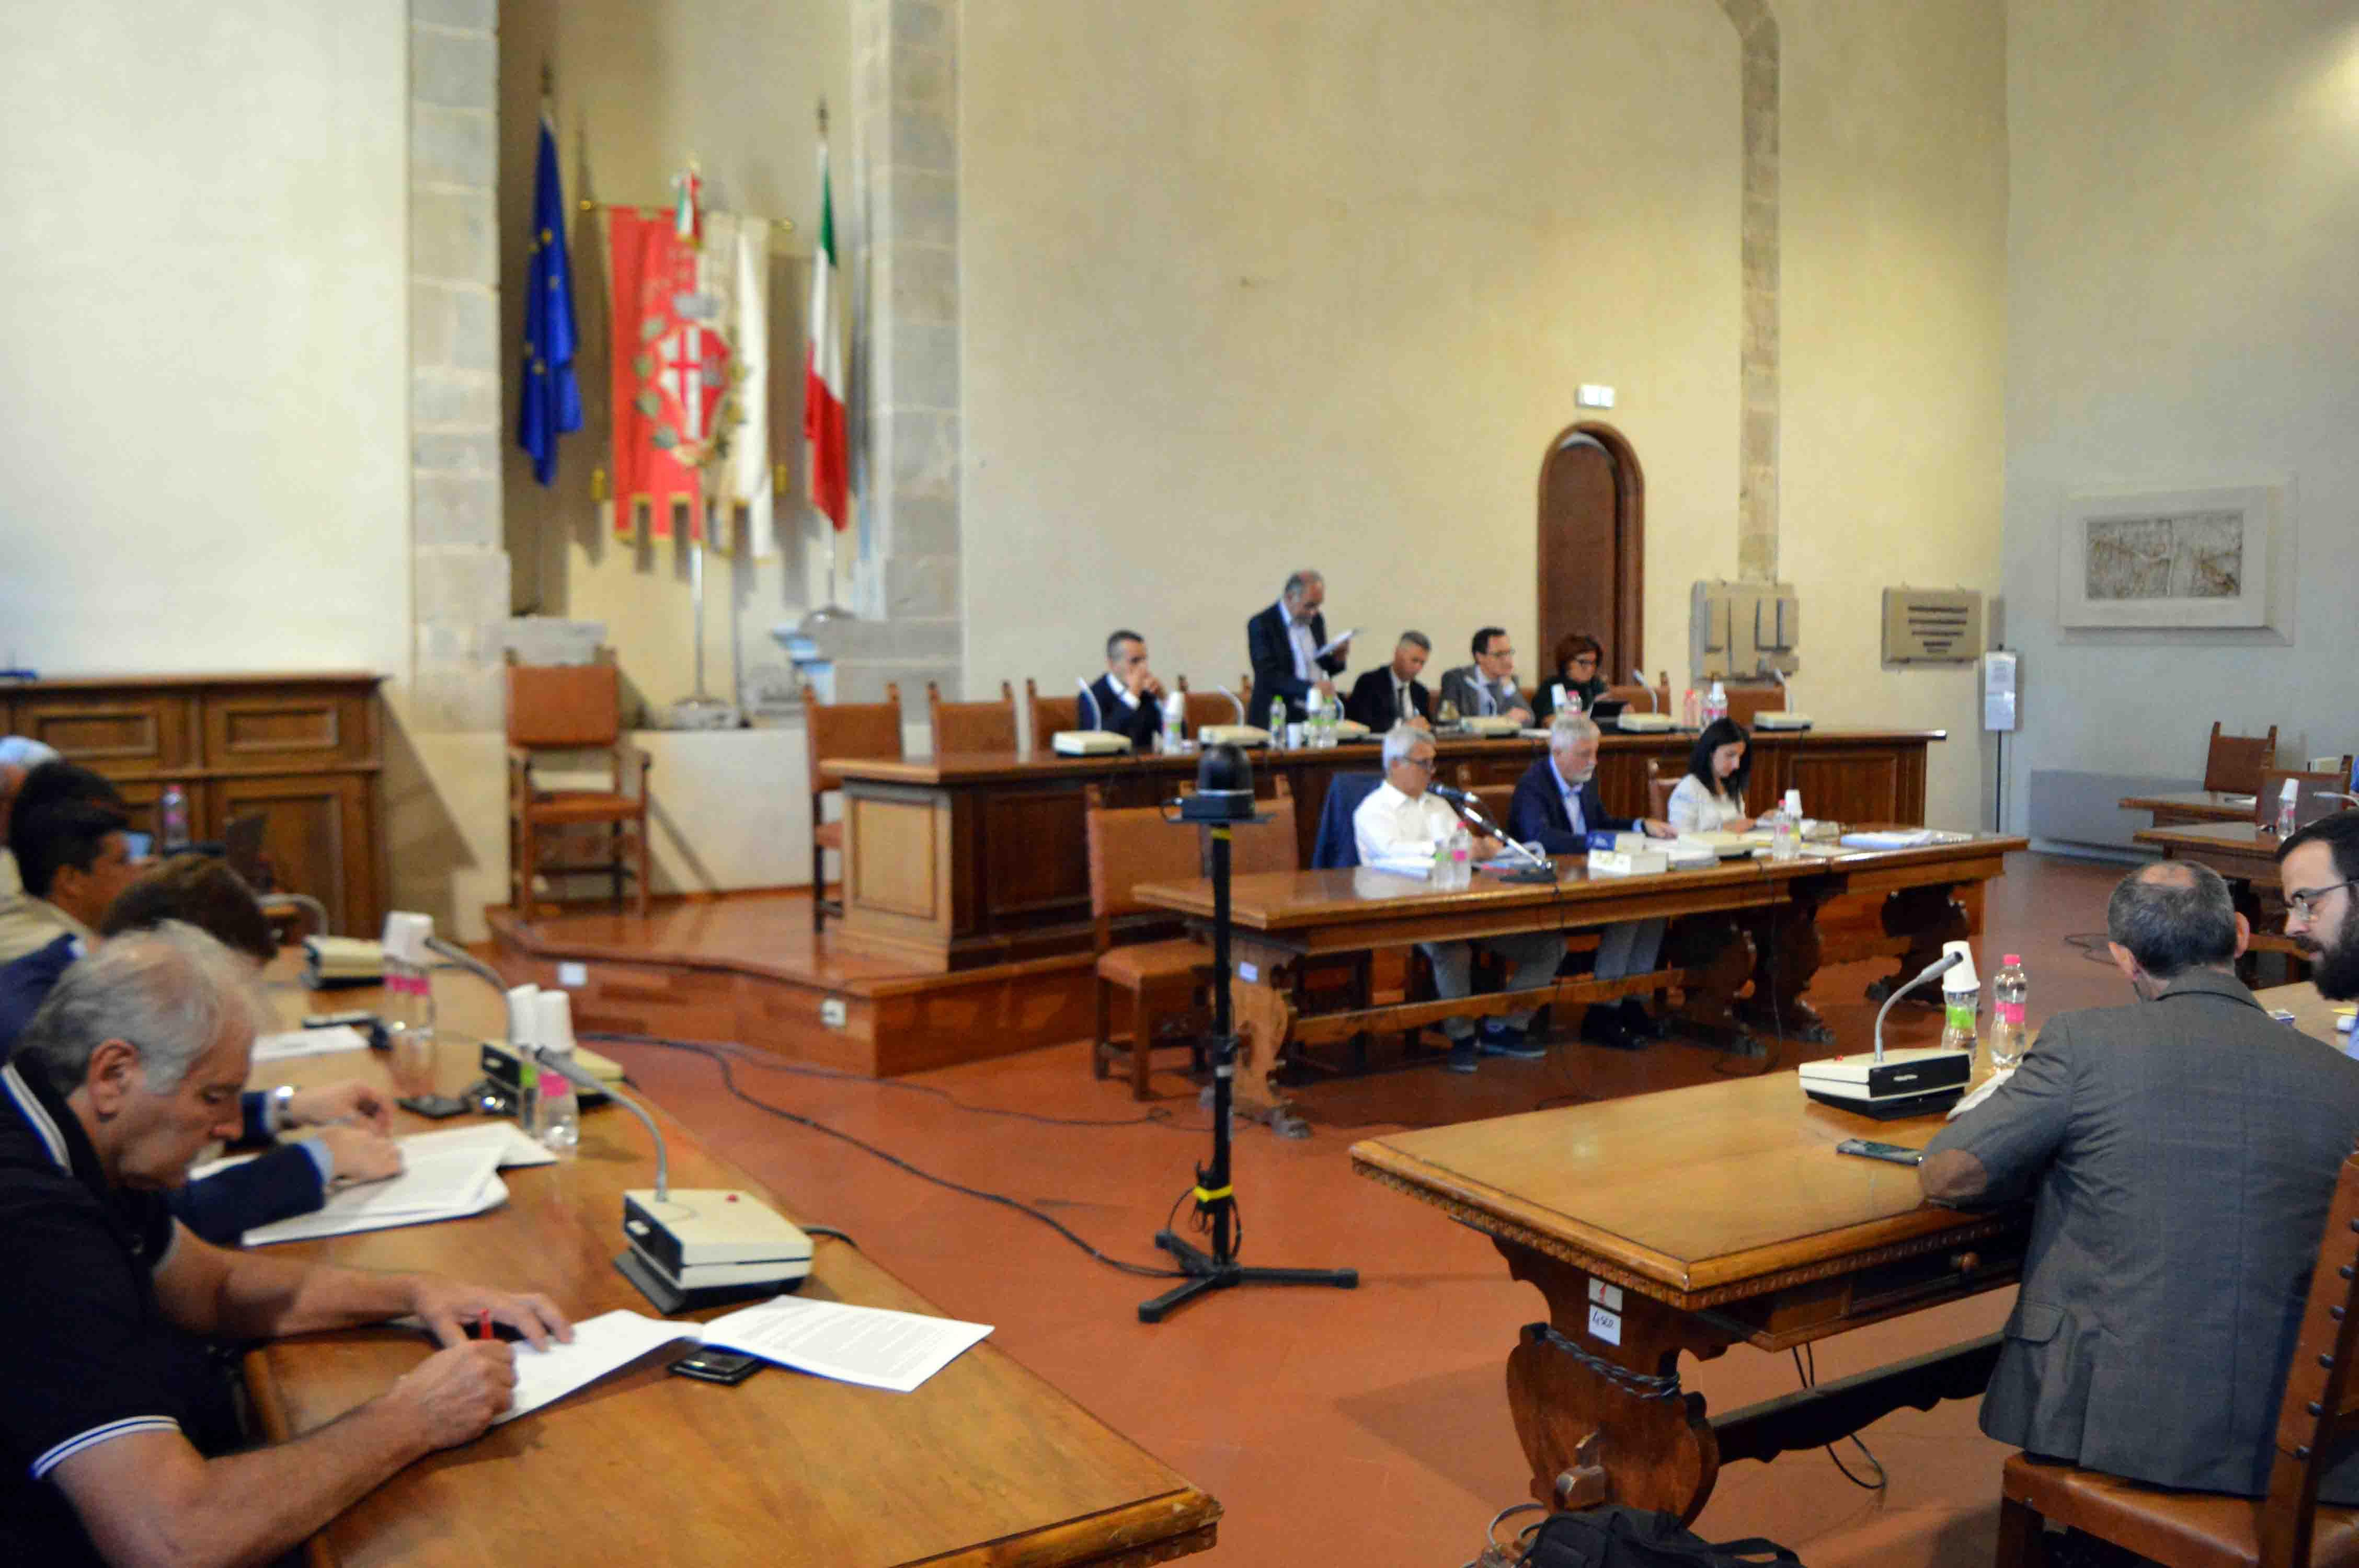 Consiglio comunale 2